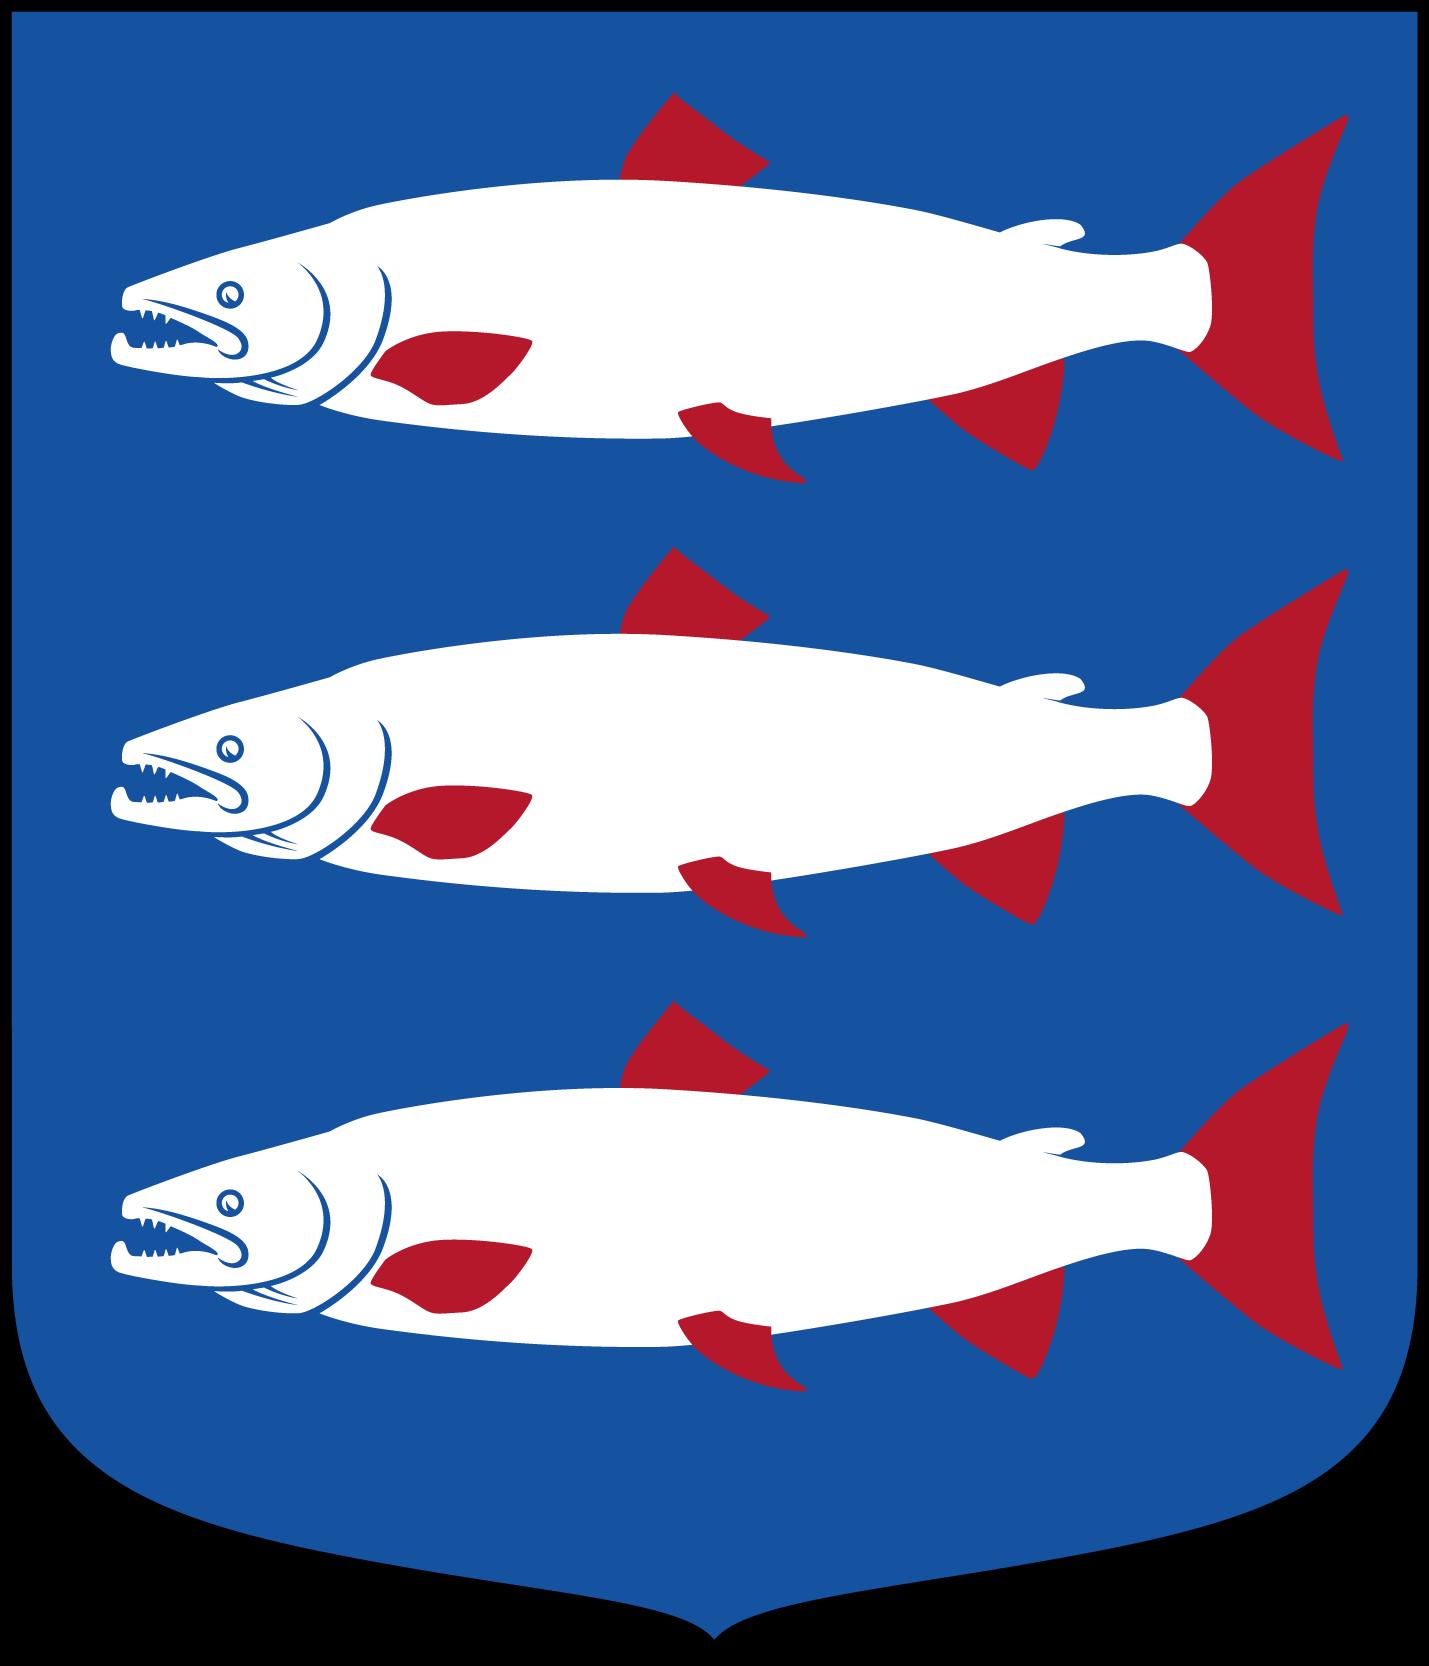 Laholm_kommunvapen_-_Riksarkivet_Sverige